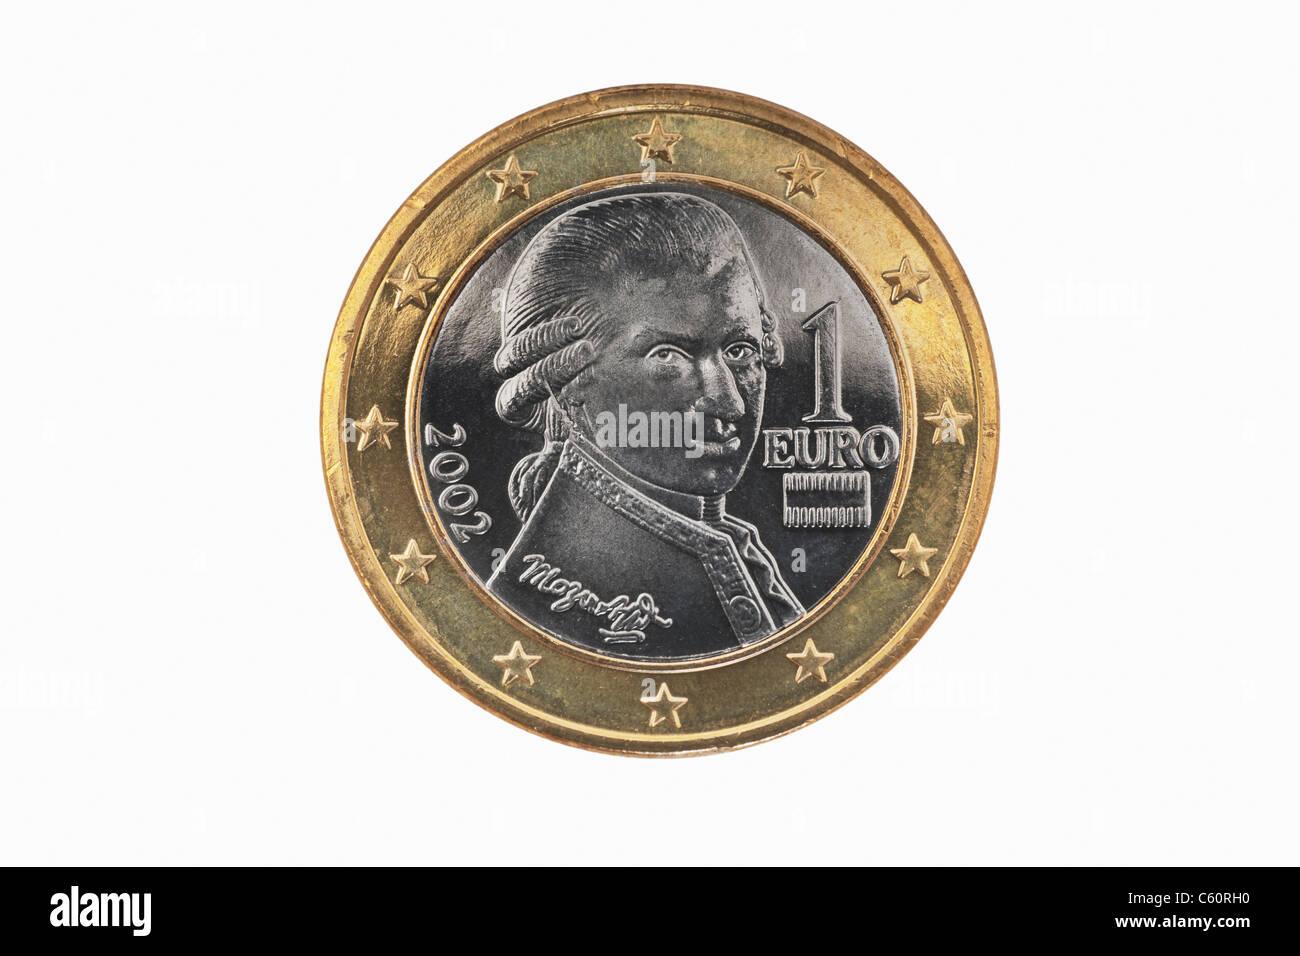 Detailansicht Der Rückseite Einer 1 Euro Münze Aus österreich